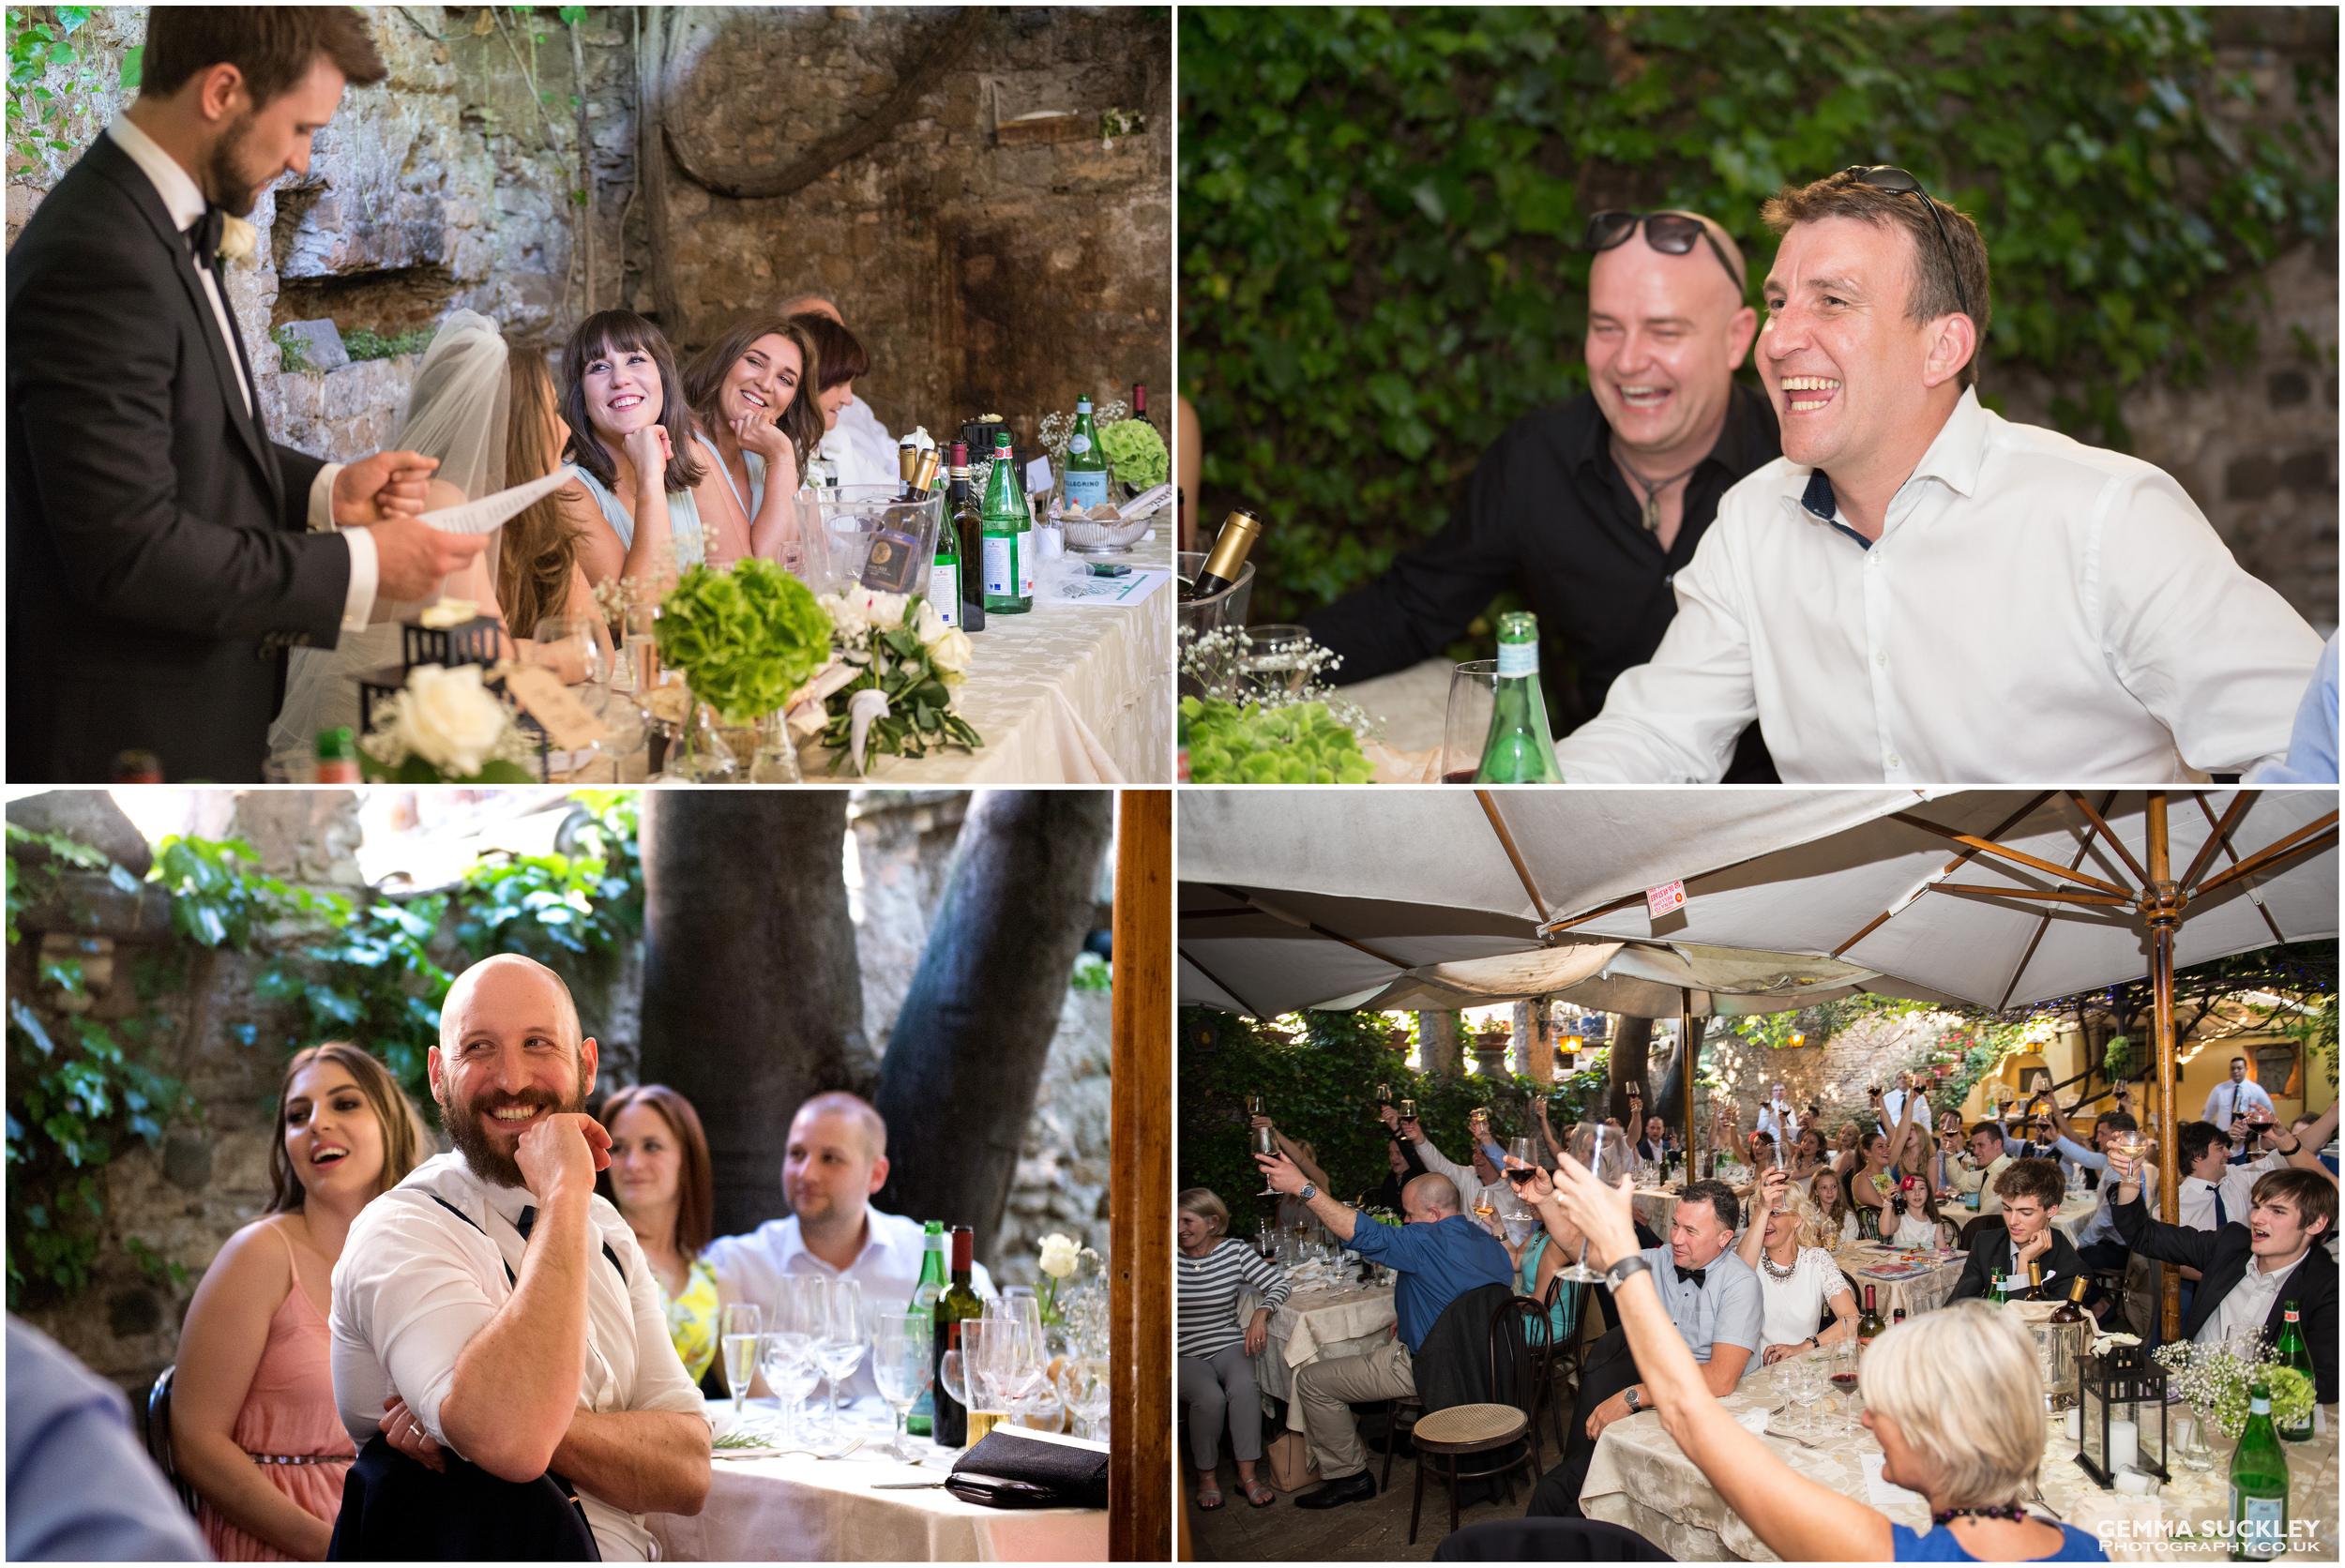 wedding-speeches-gemma-suckley-photography.jpg